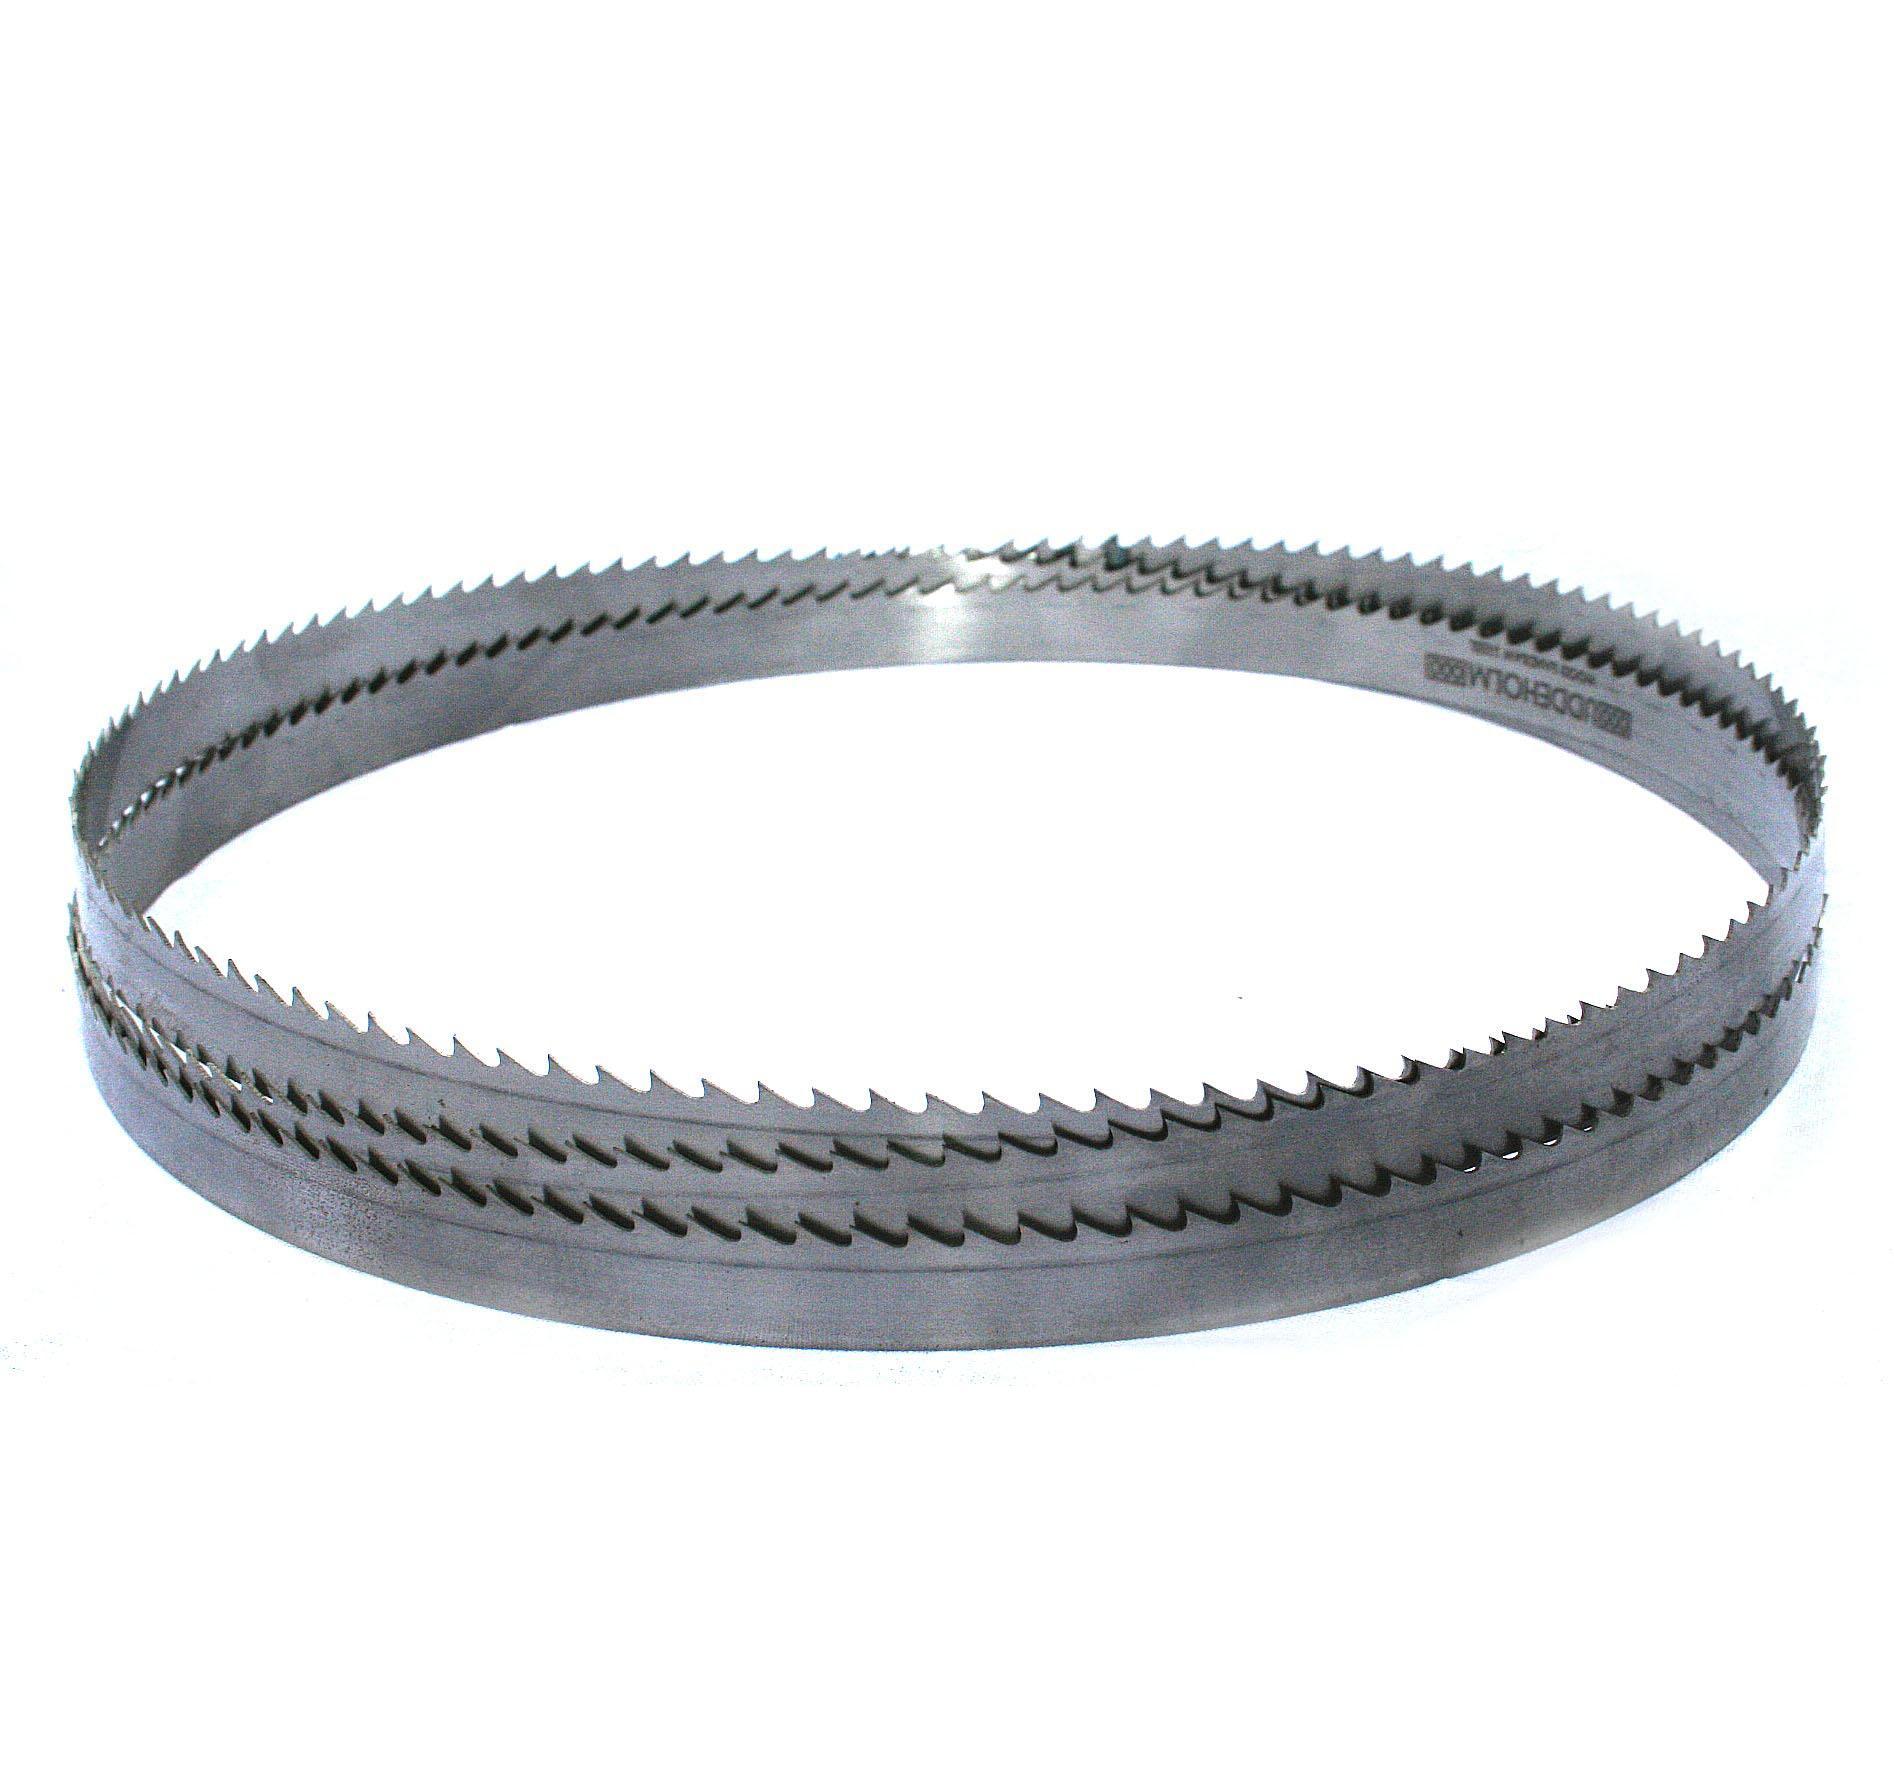 Sägeband 1830 mm von 6-20 mm Breite für Bandsägen (Holz) Sägeband mit 20mm Breite